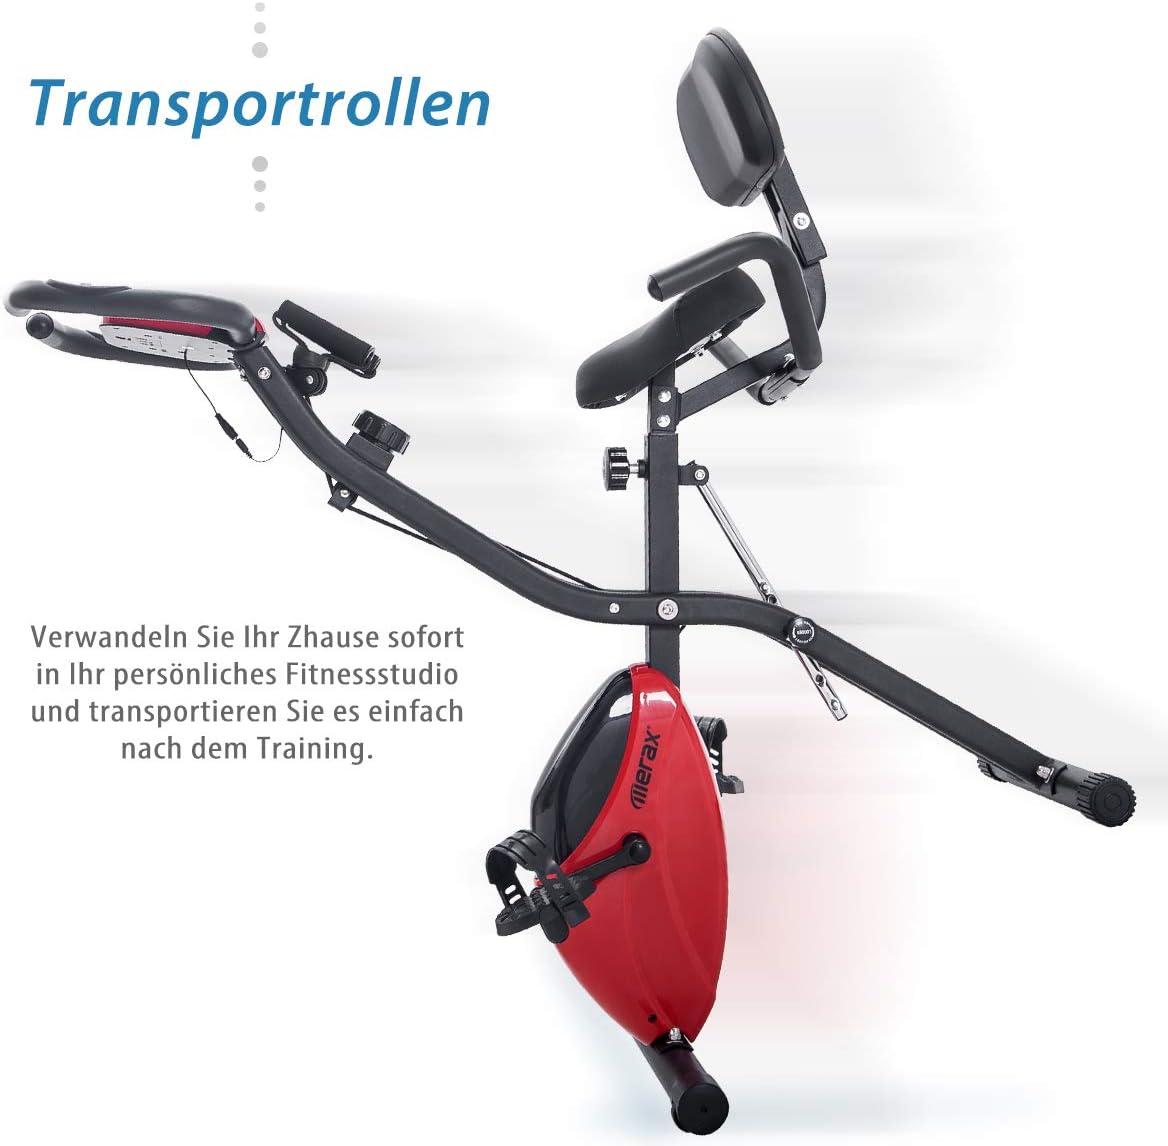 4 en 1 EU Stock Bicicleta Fitness 2 Bandas Pantalla LCD 10 Niveles de Resistencia Coolautoparts Bicicleta Est/ática Plegable con Respaldo Bicicleta de Ejercicios Aer/óbicos Gimnasio Casa